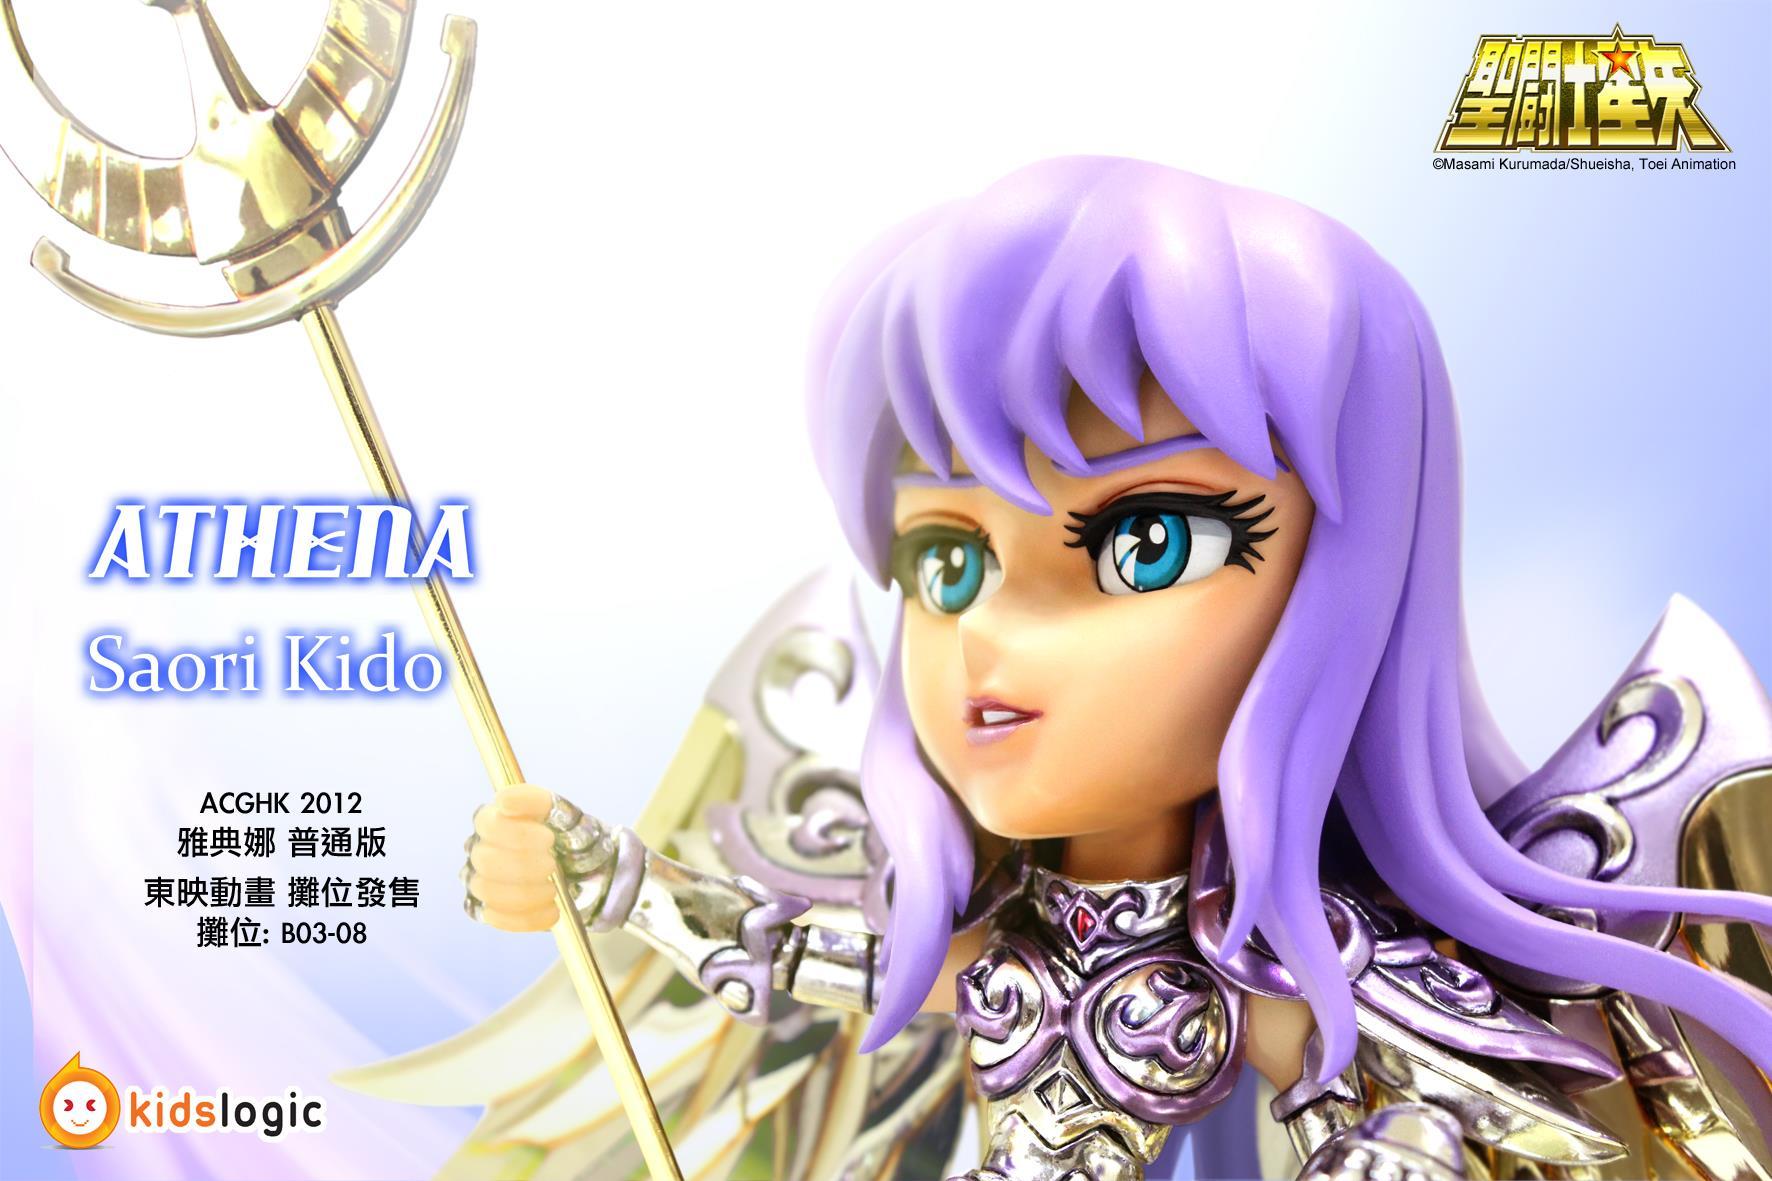 19 - Athena Athena-01